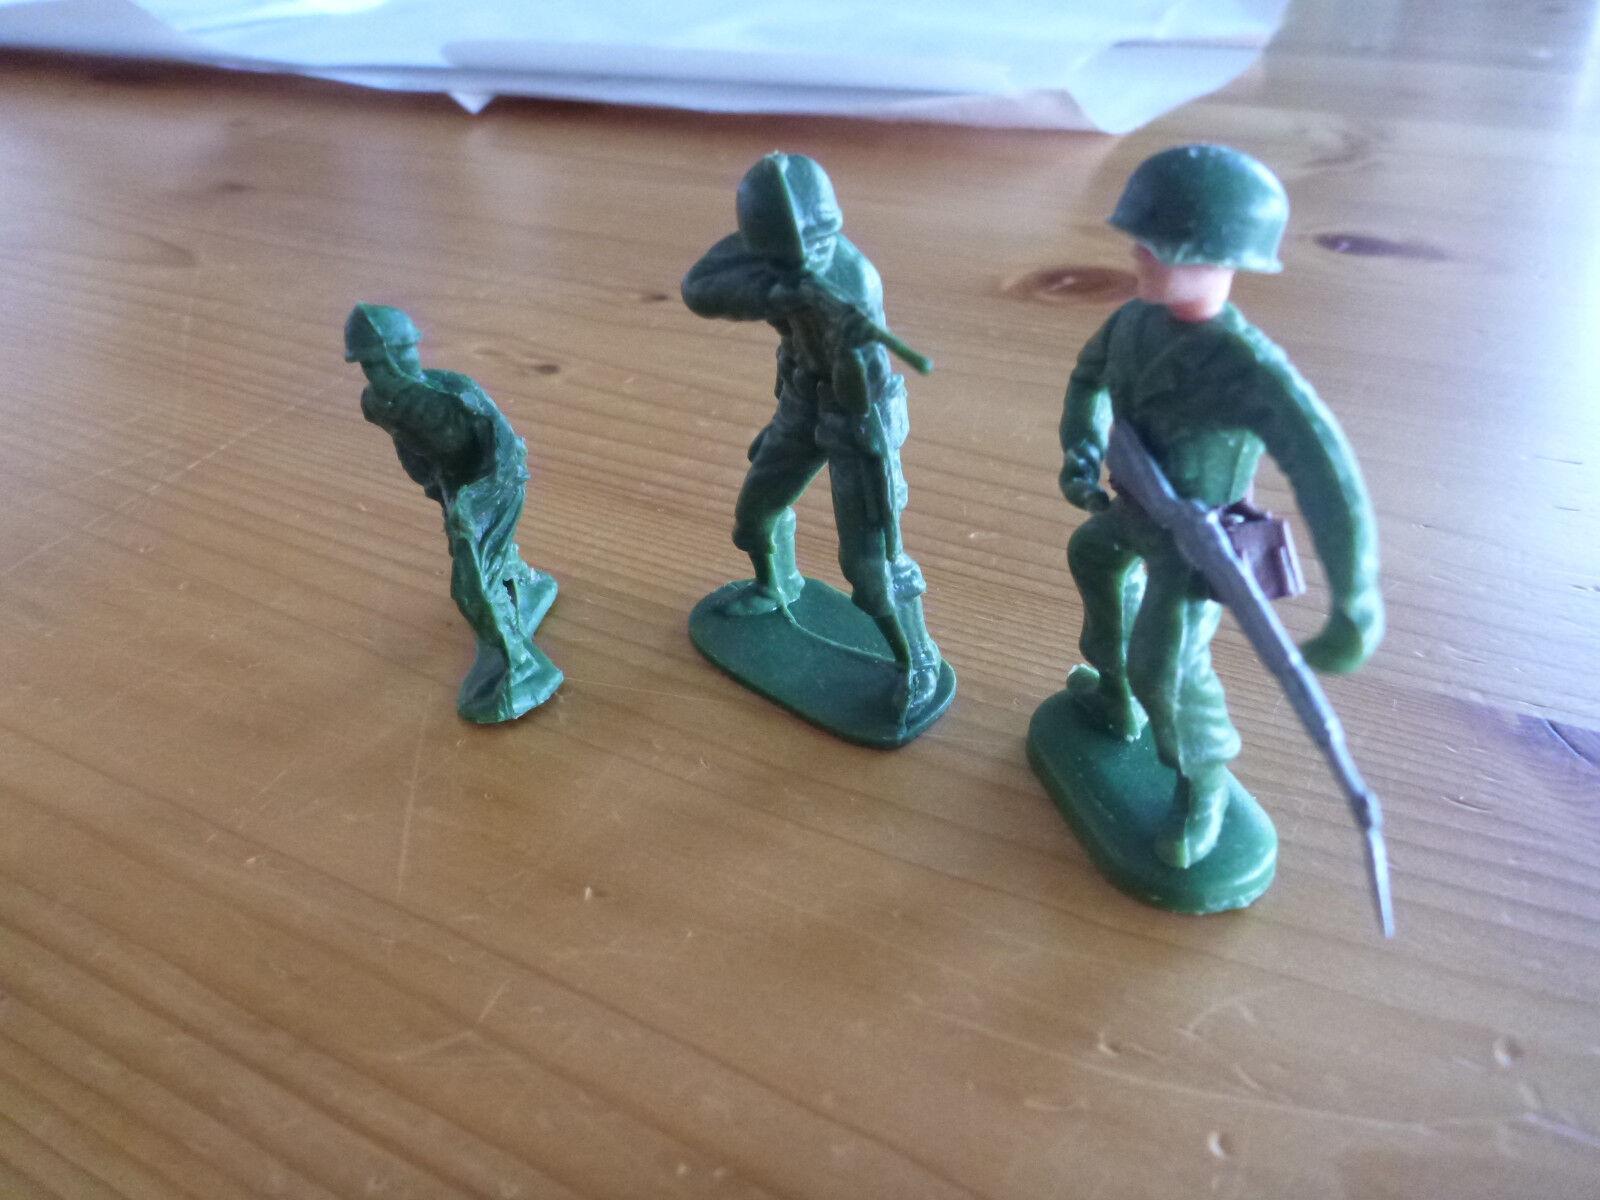 Alte Cowboy & Indianer, Soldaten Kunststofffiguren, 60er